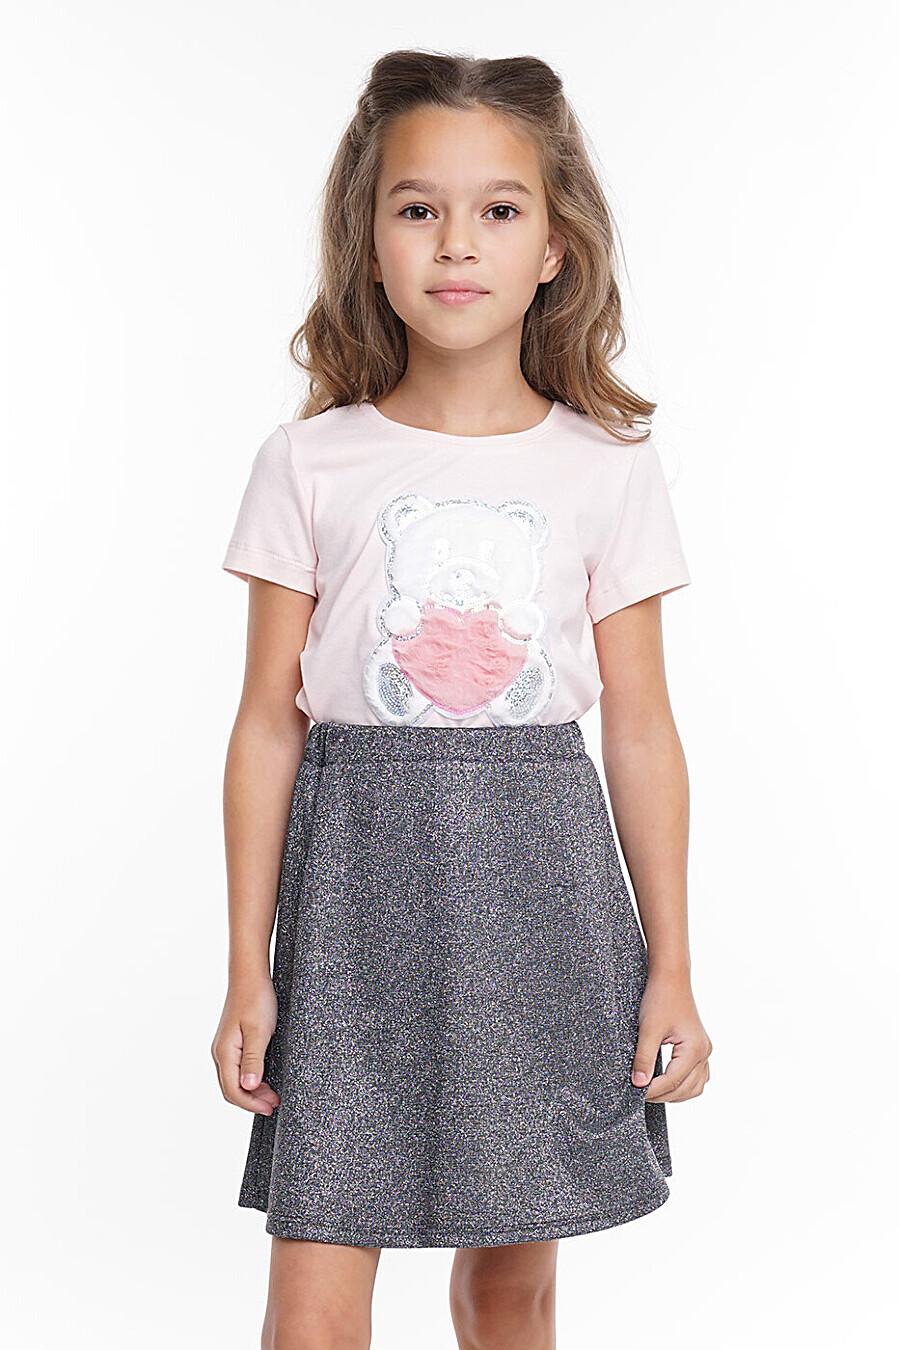 Юбка для девочек CLEVER 272938 купить оптом от производителя. Совместная покупка детской одежды в OptMoyo